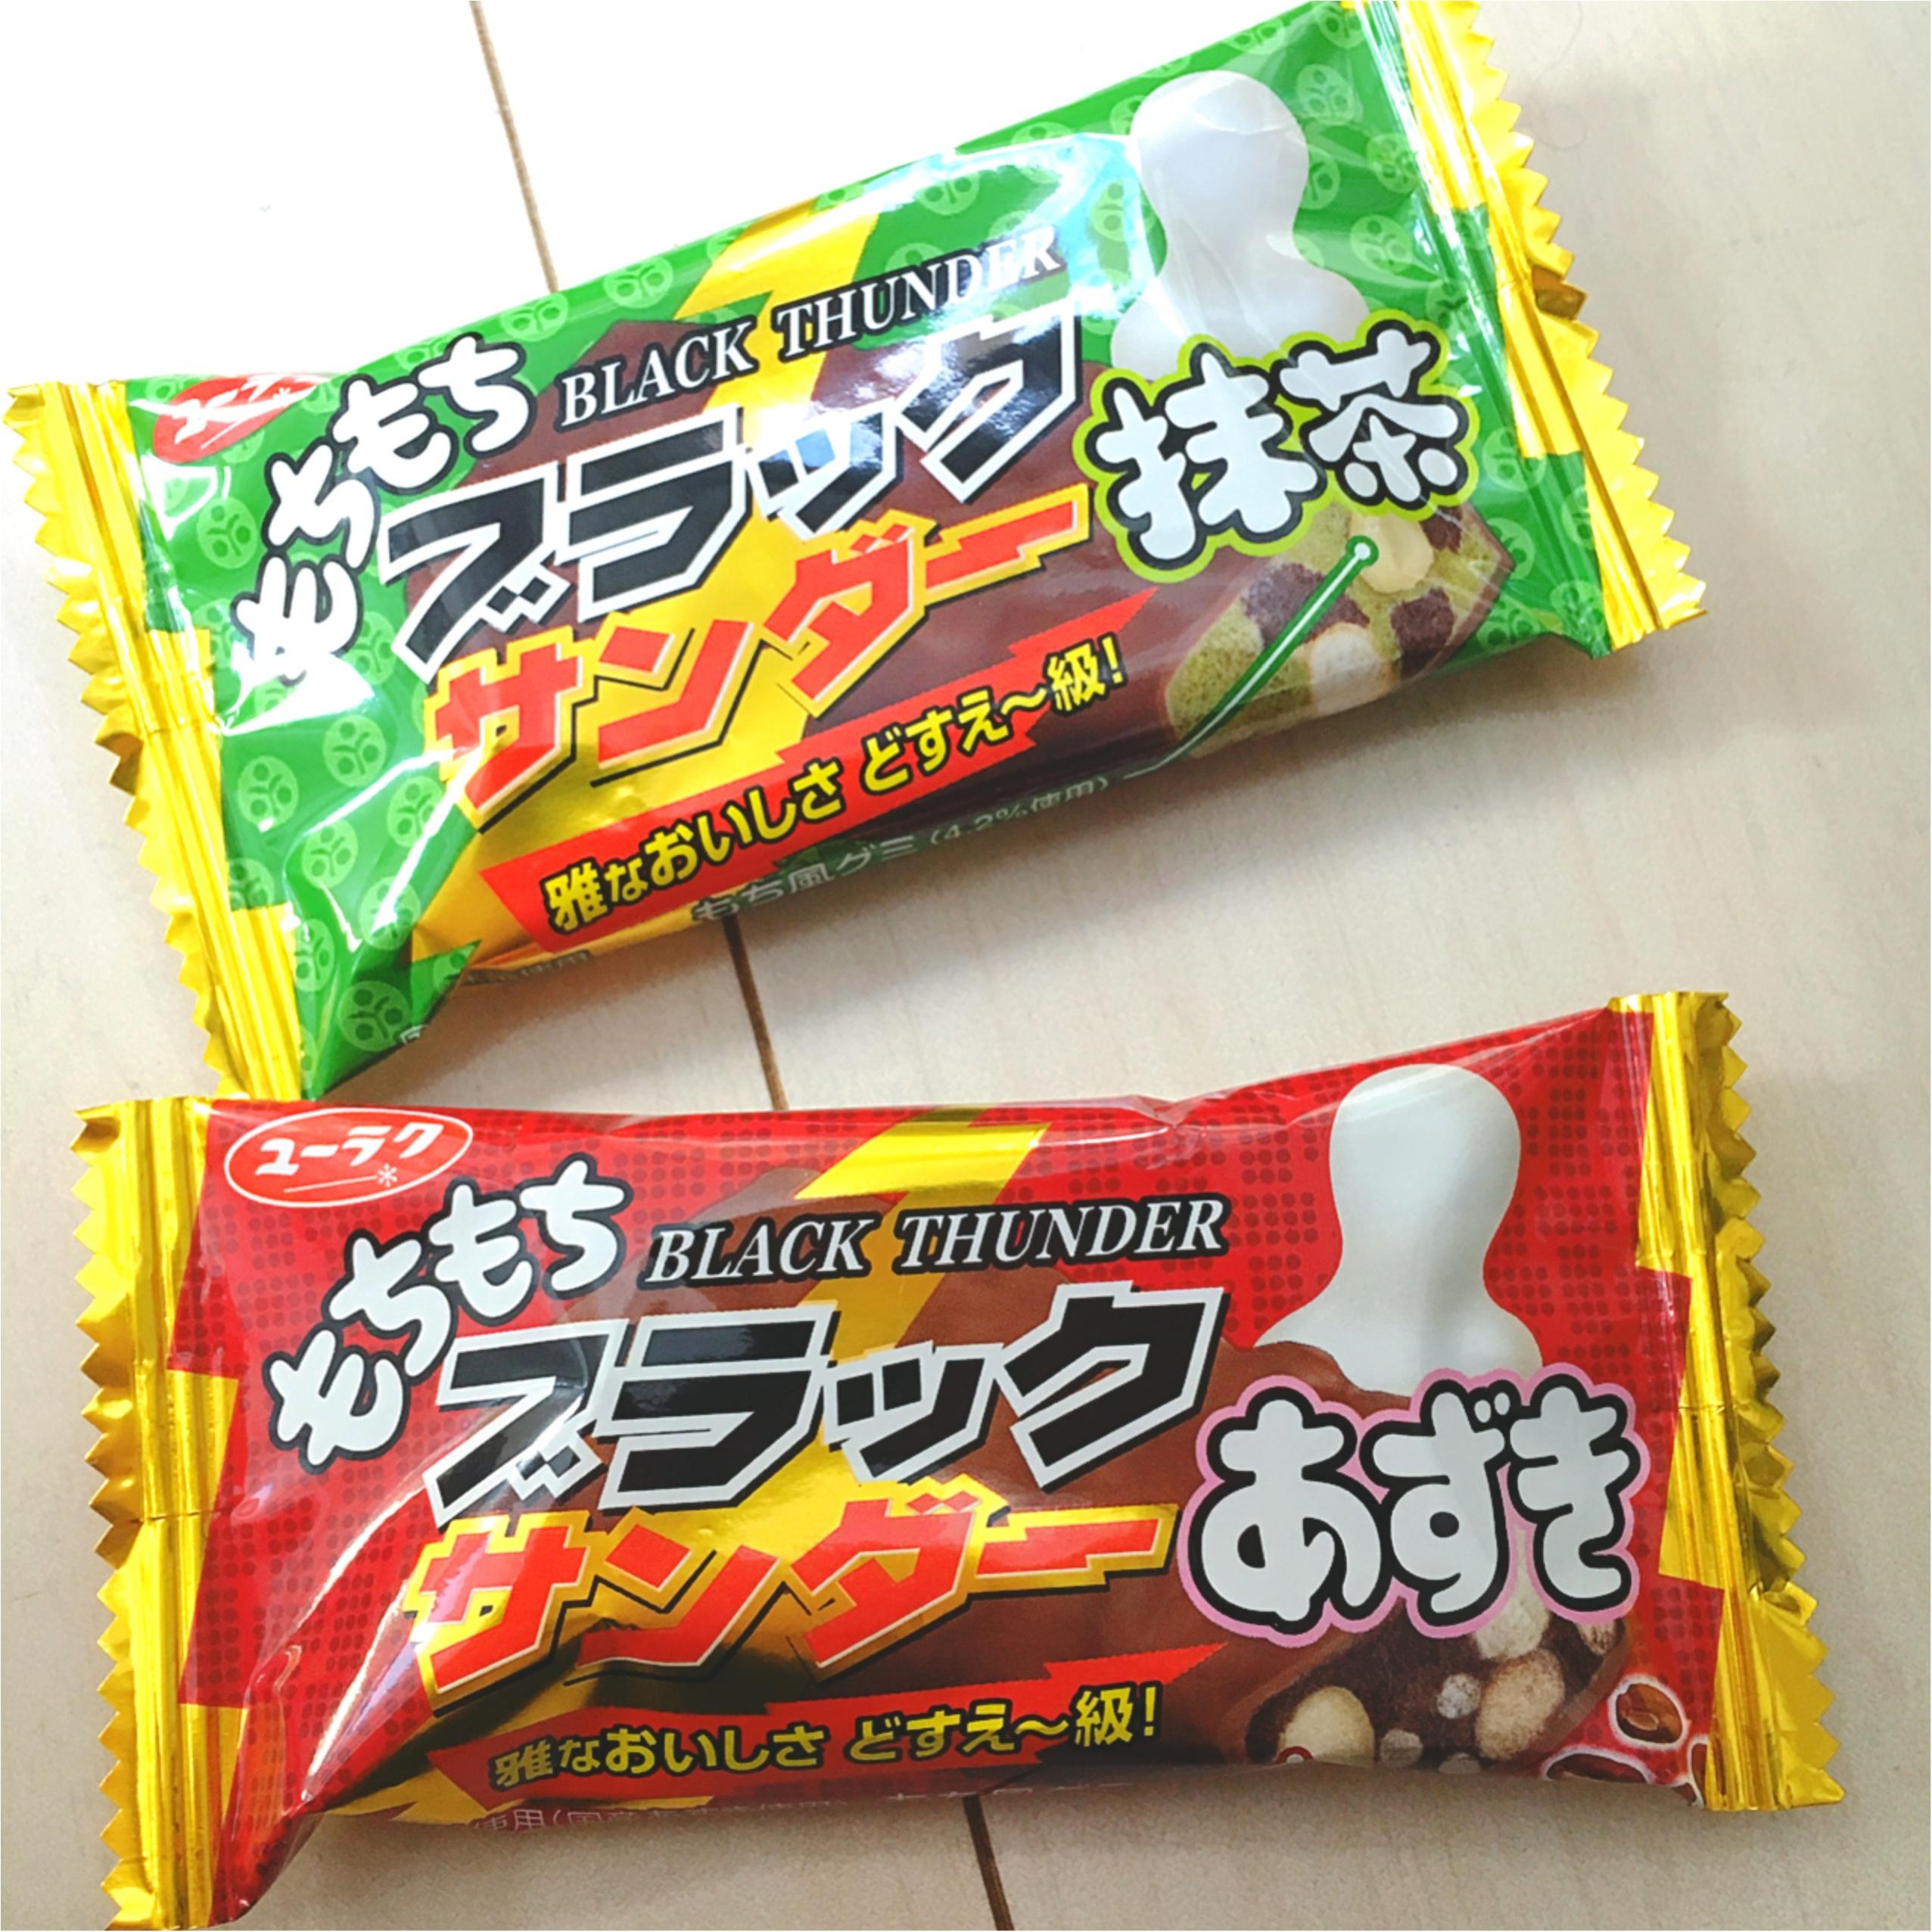 【コンビニ限定チョコ!】定番ブランドの《今だけ限定》が大人気って噂❤️_2